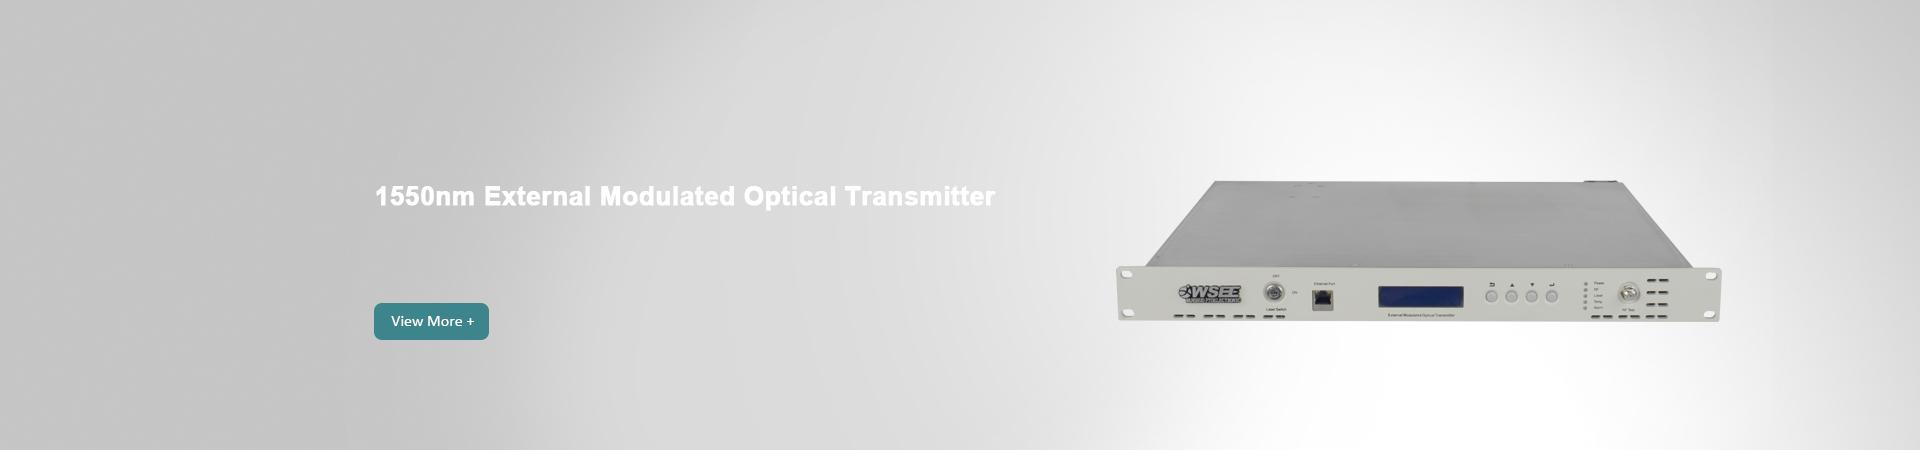 1550nm External Modulated Transmitter